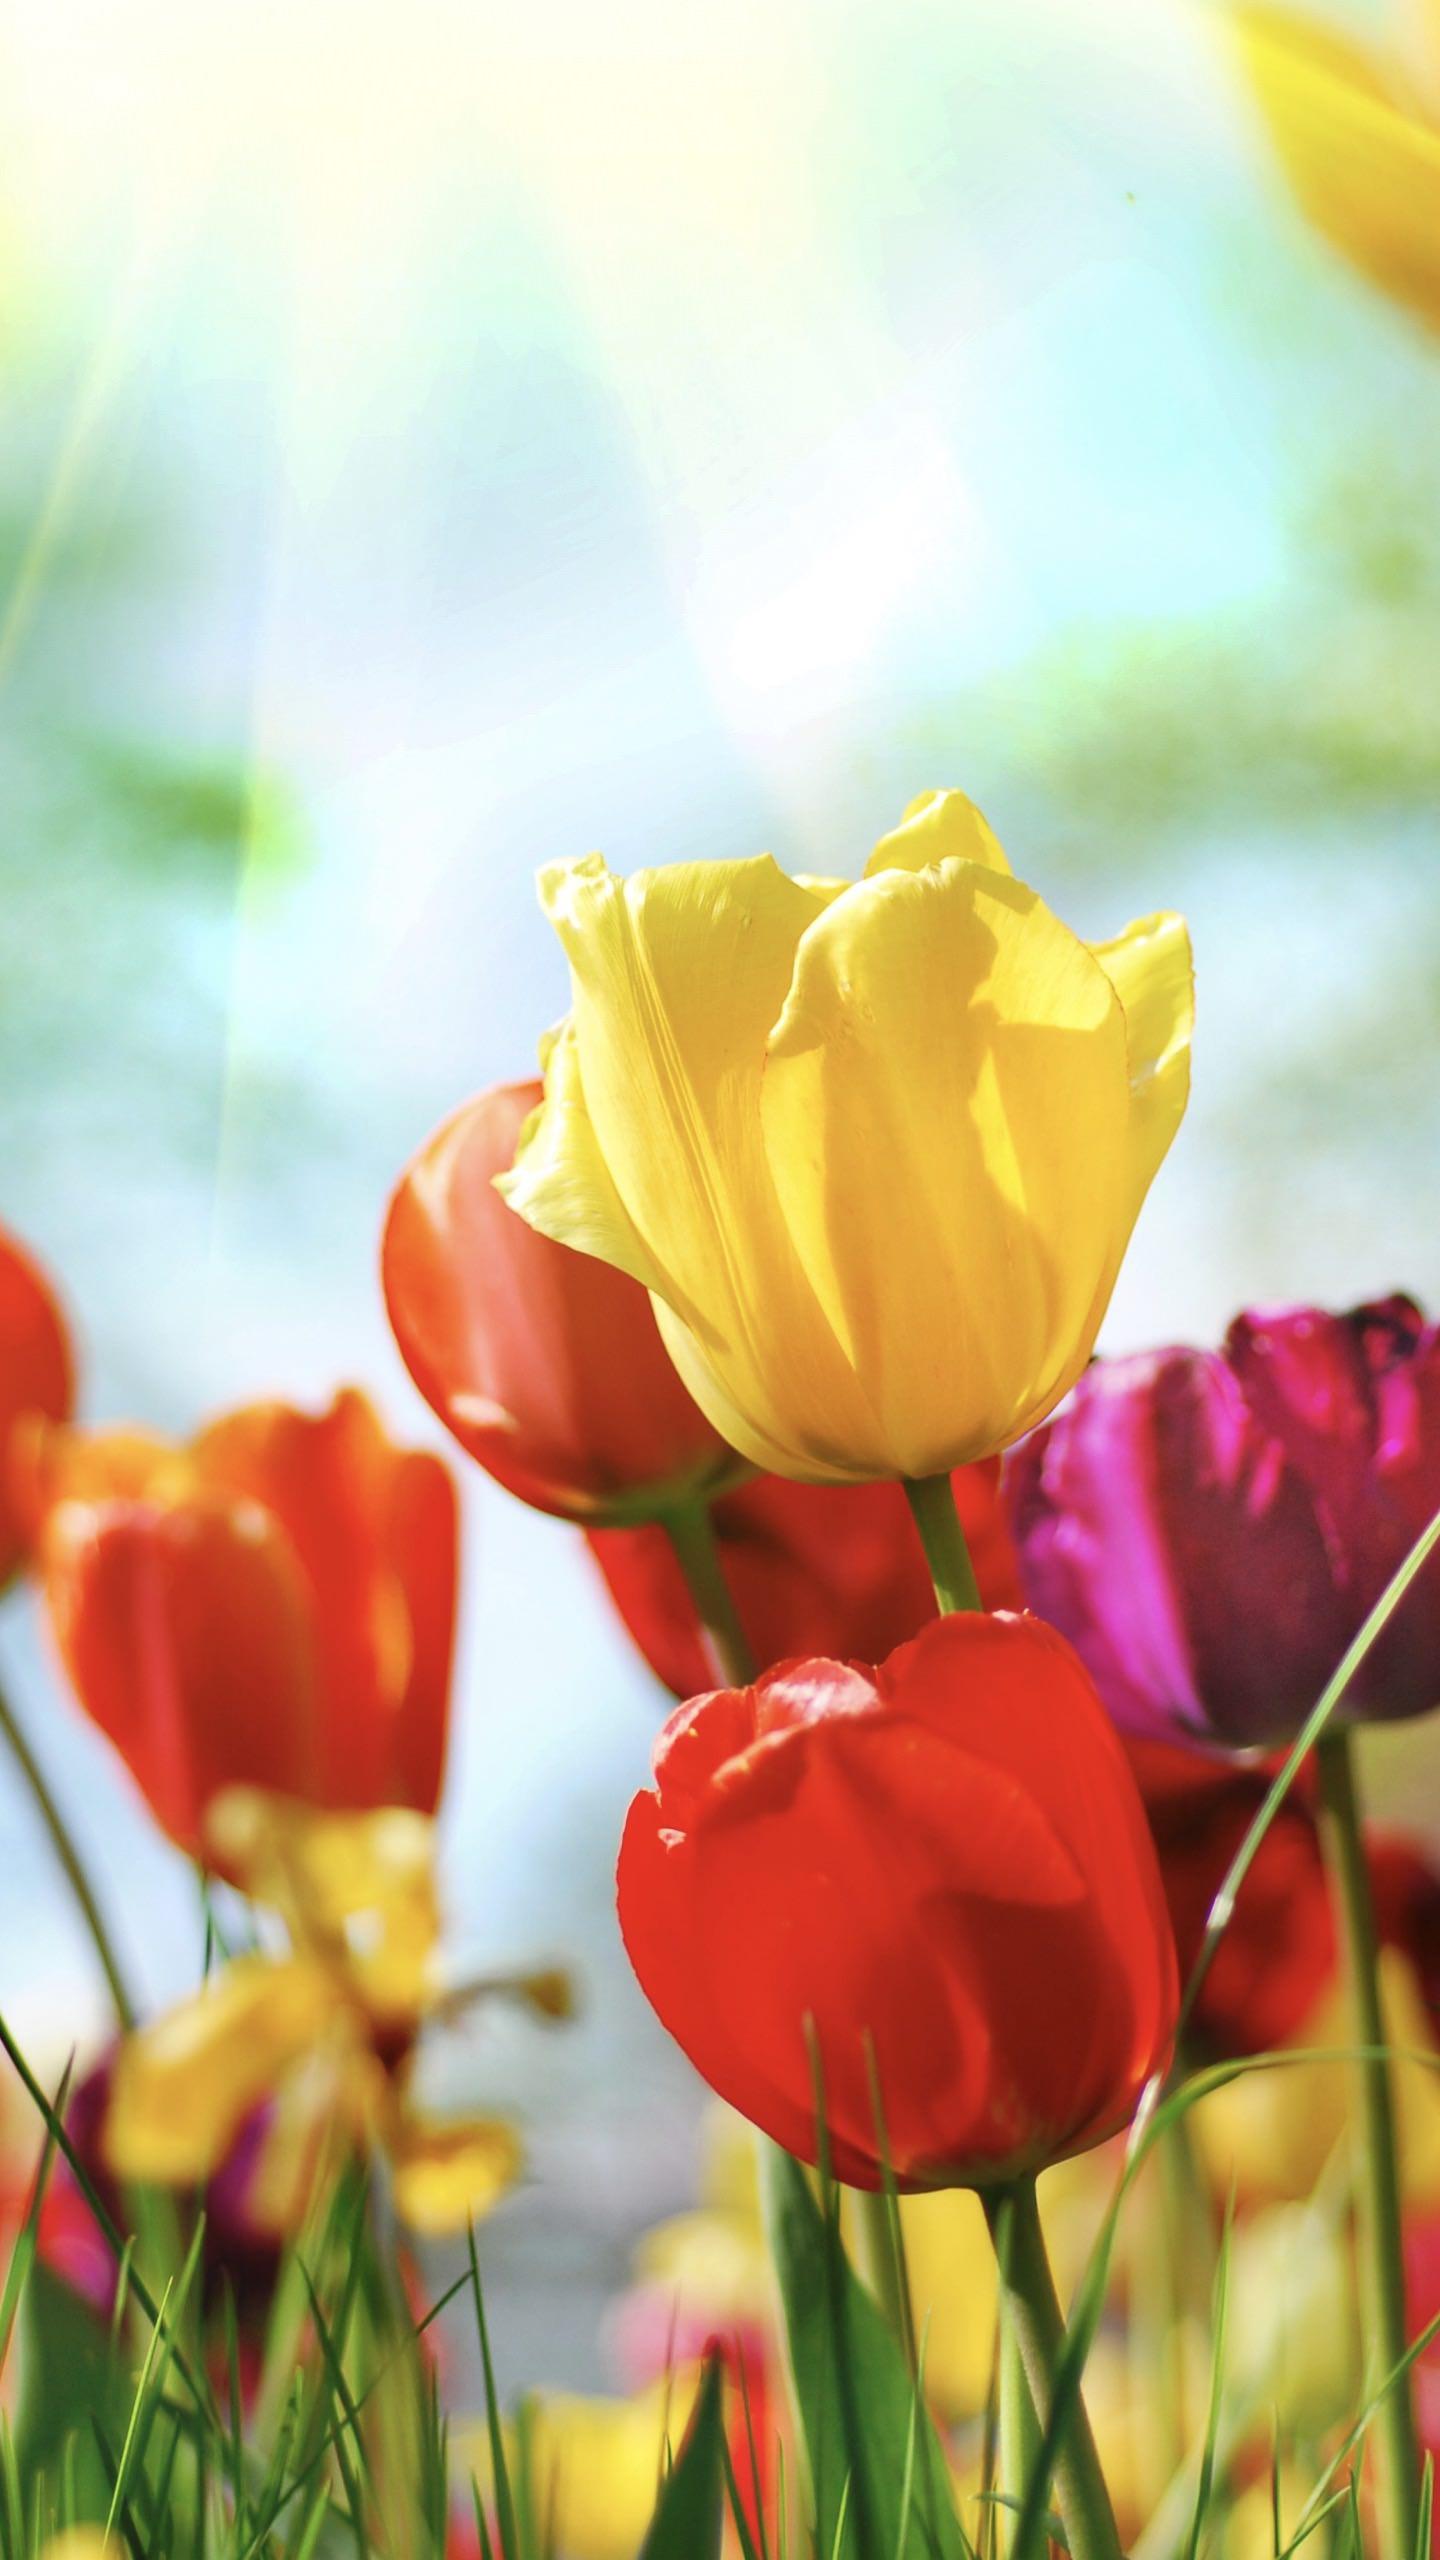 bunga tanaman berwarna warni android smartphone wallpaper